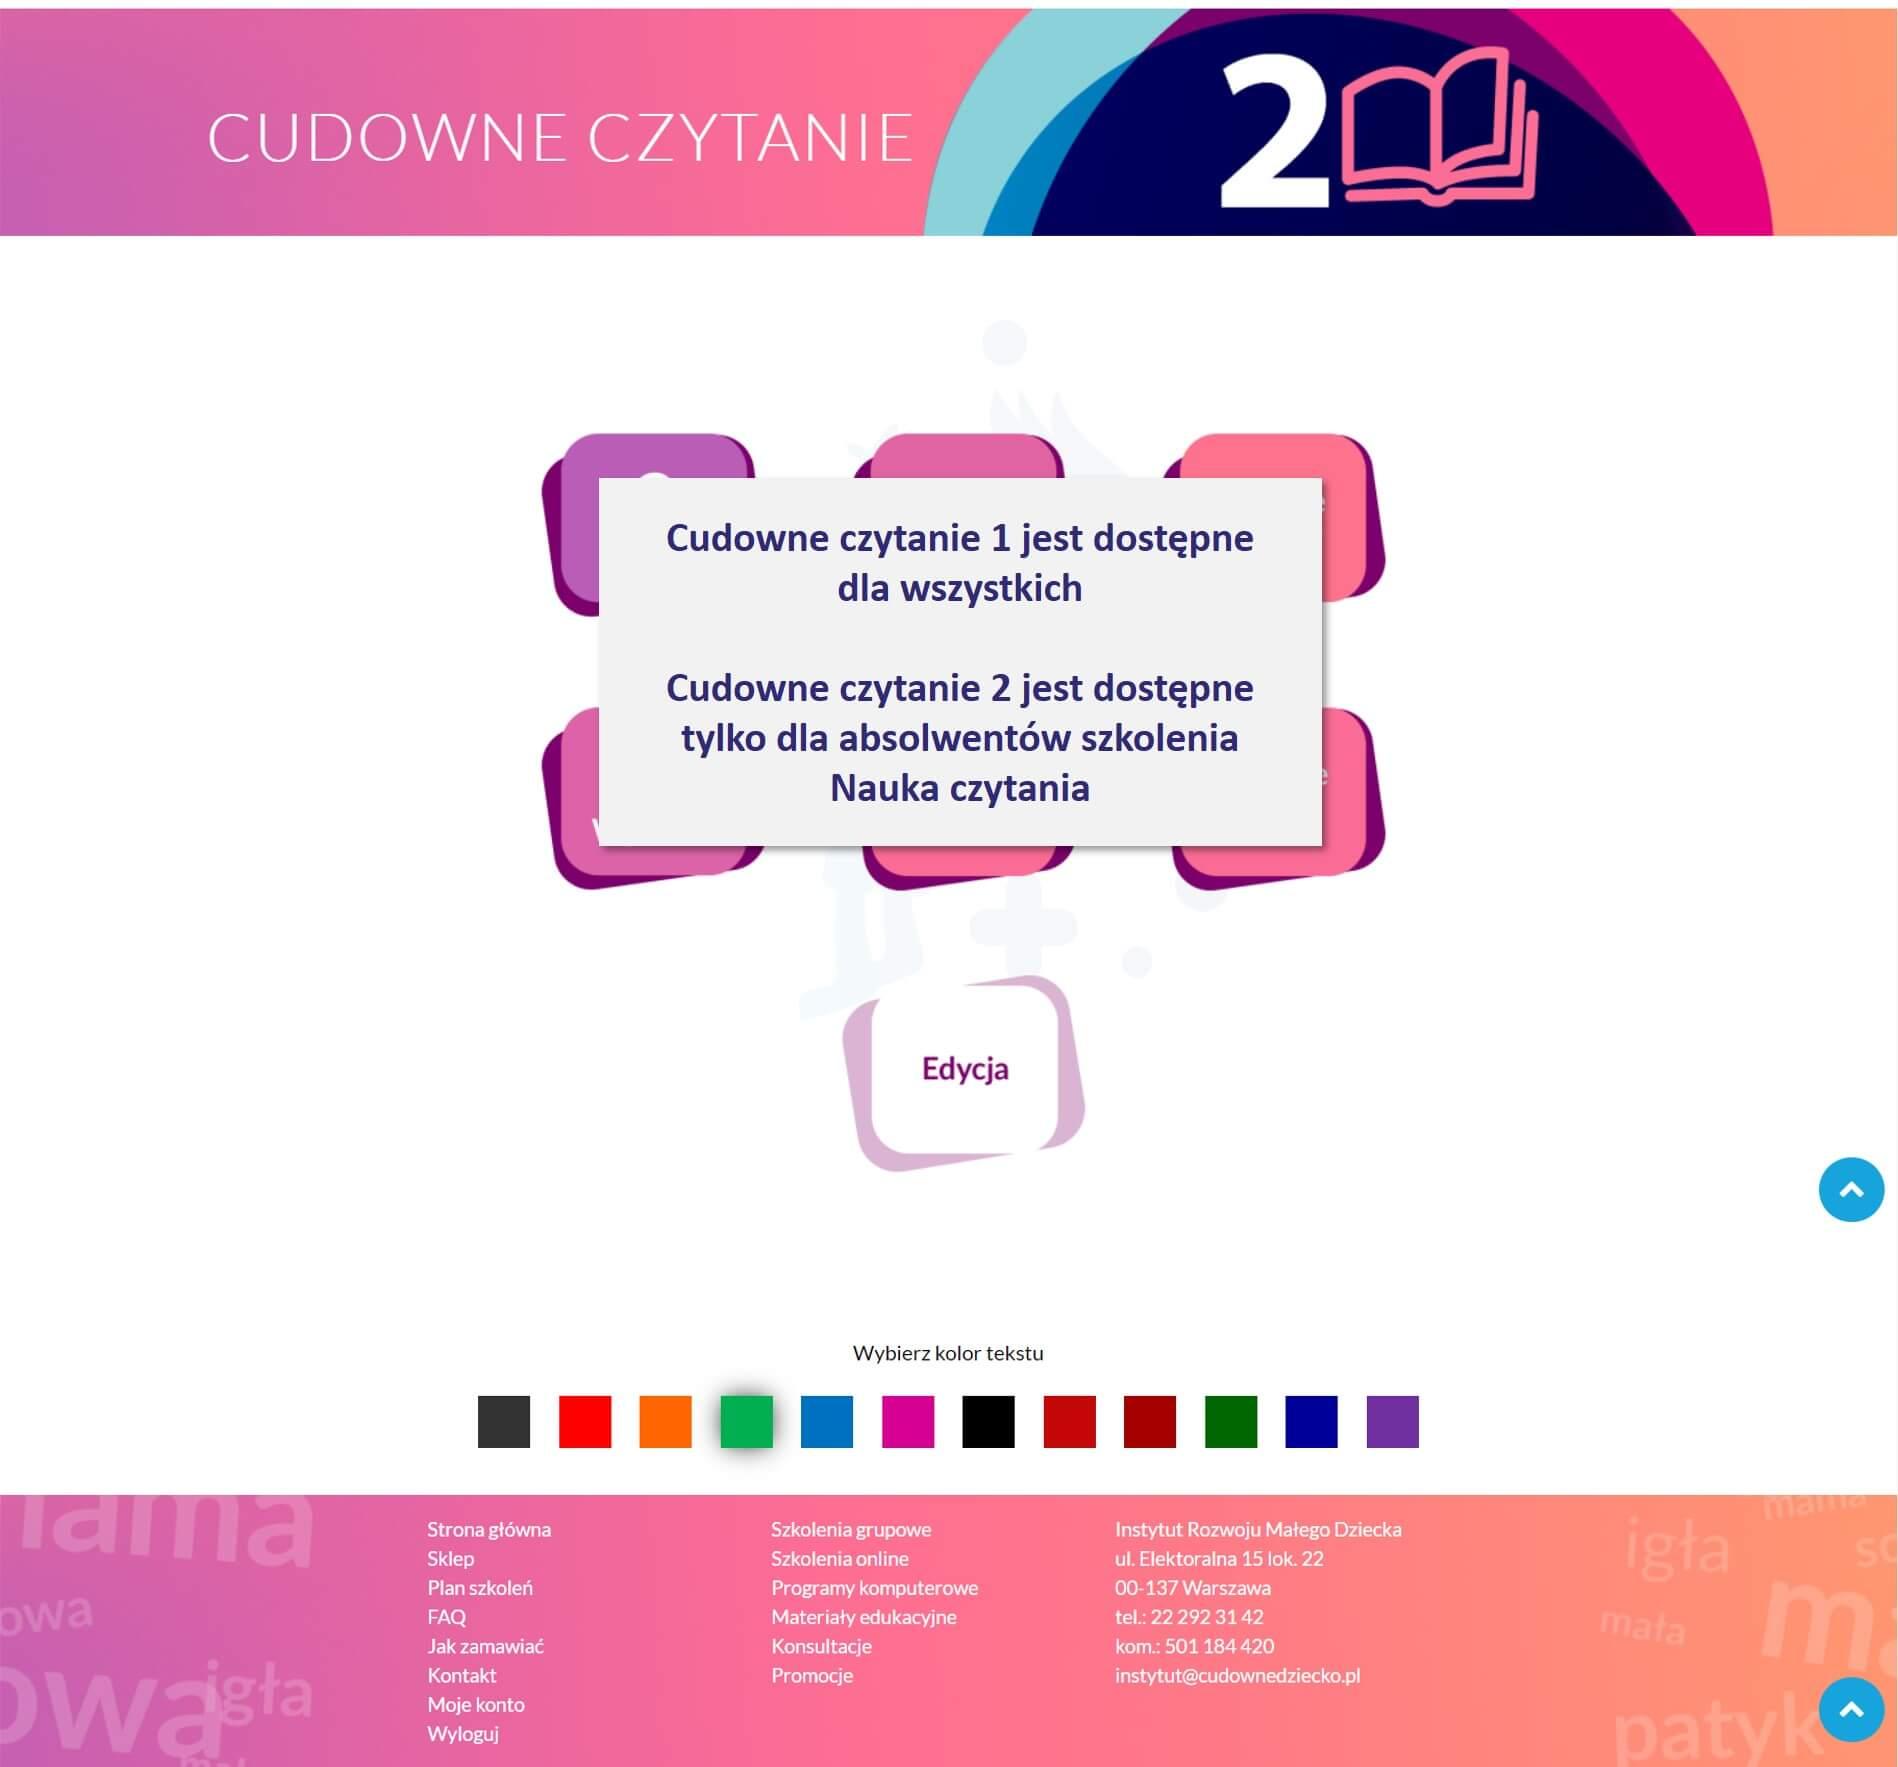 program komputerowy donauki czytania cudowne czytanie 2 drAneta Czerska Cudowne Dziecko